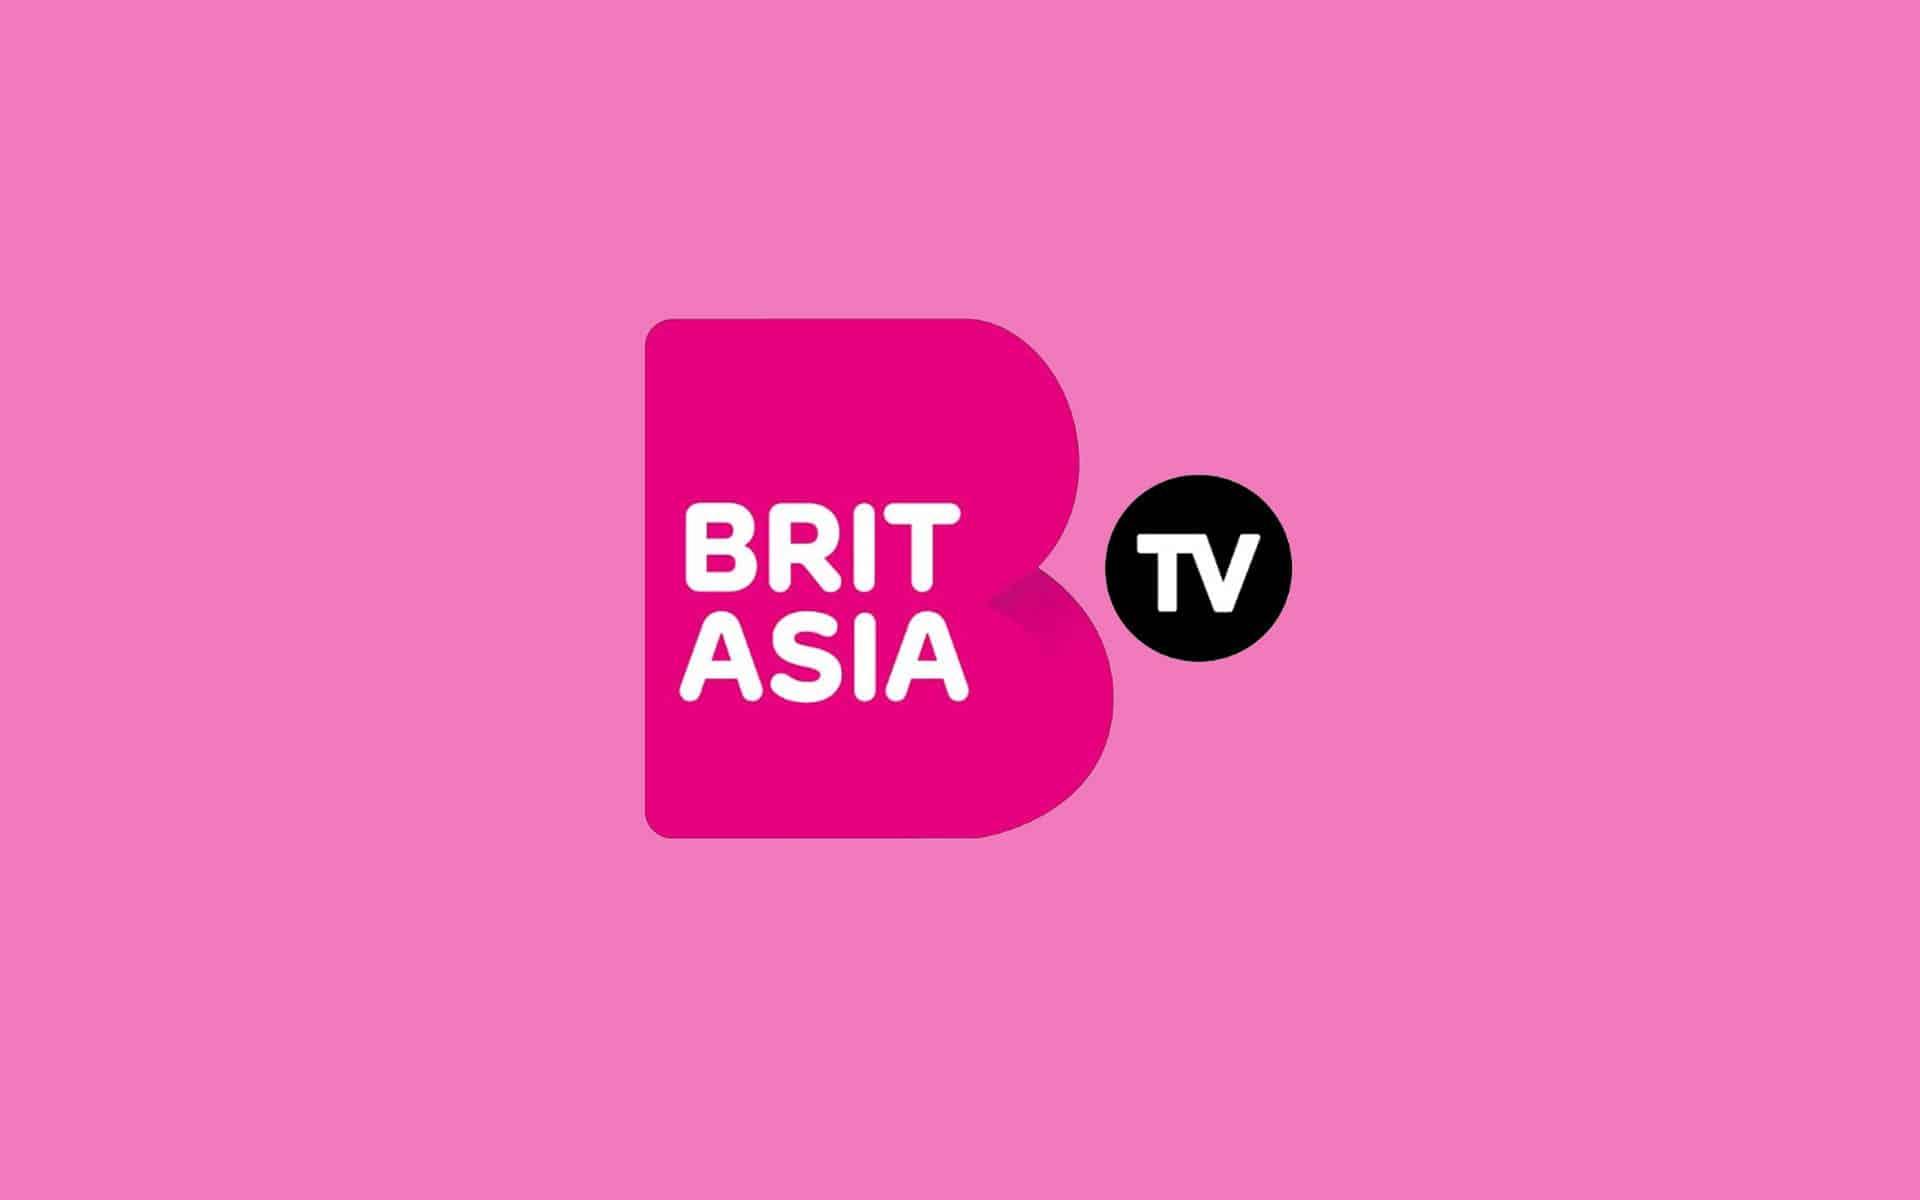 Profilo BritASIA TV Canal Tv